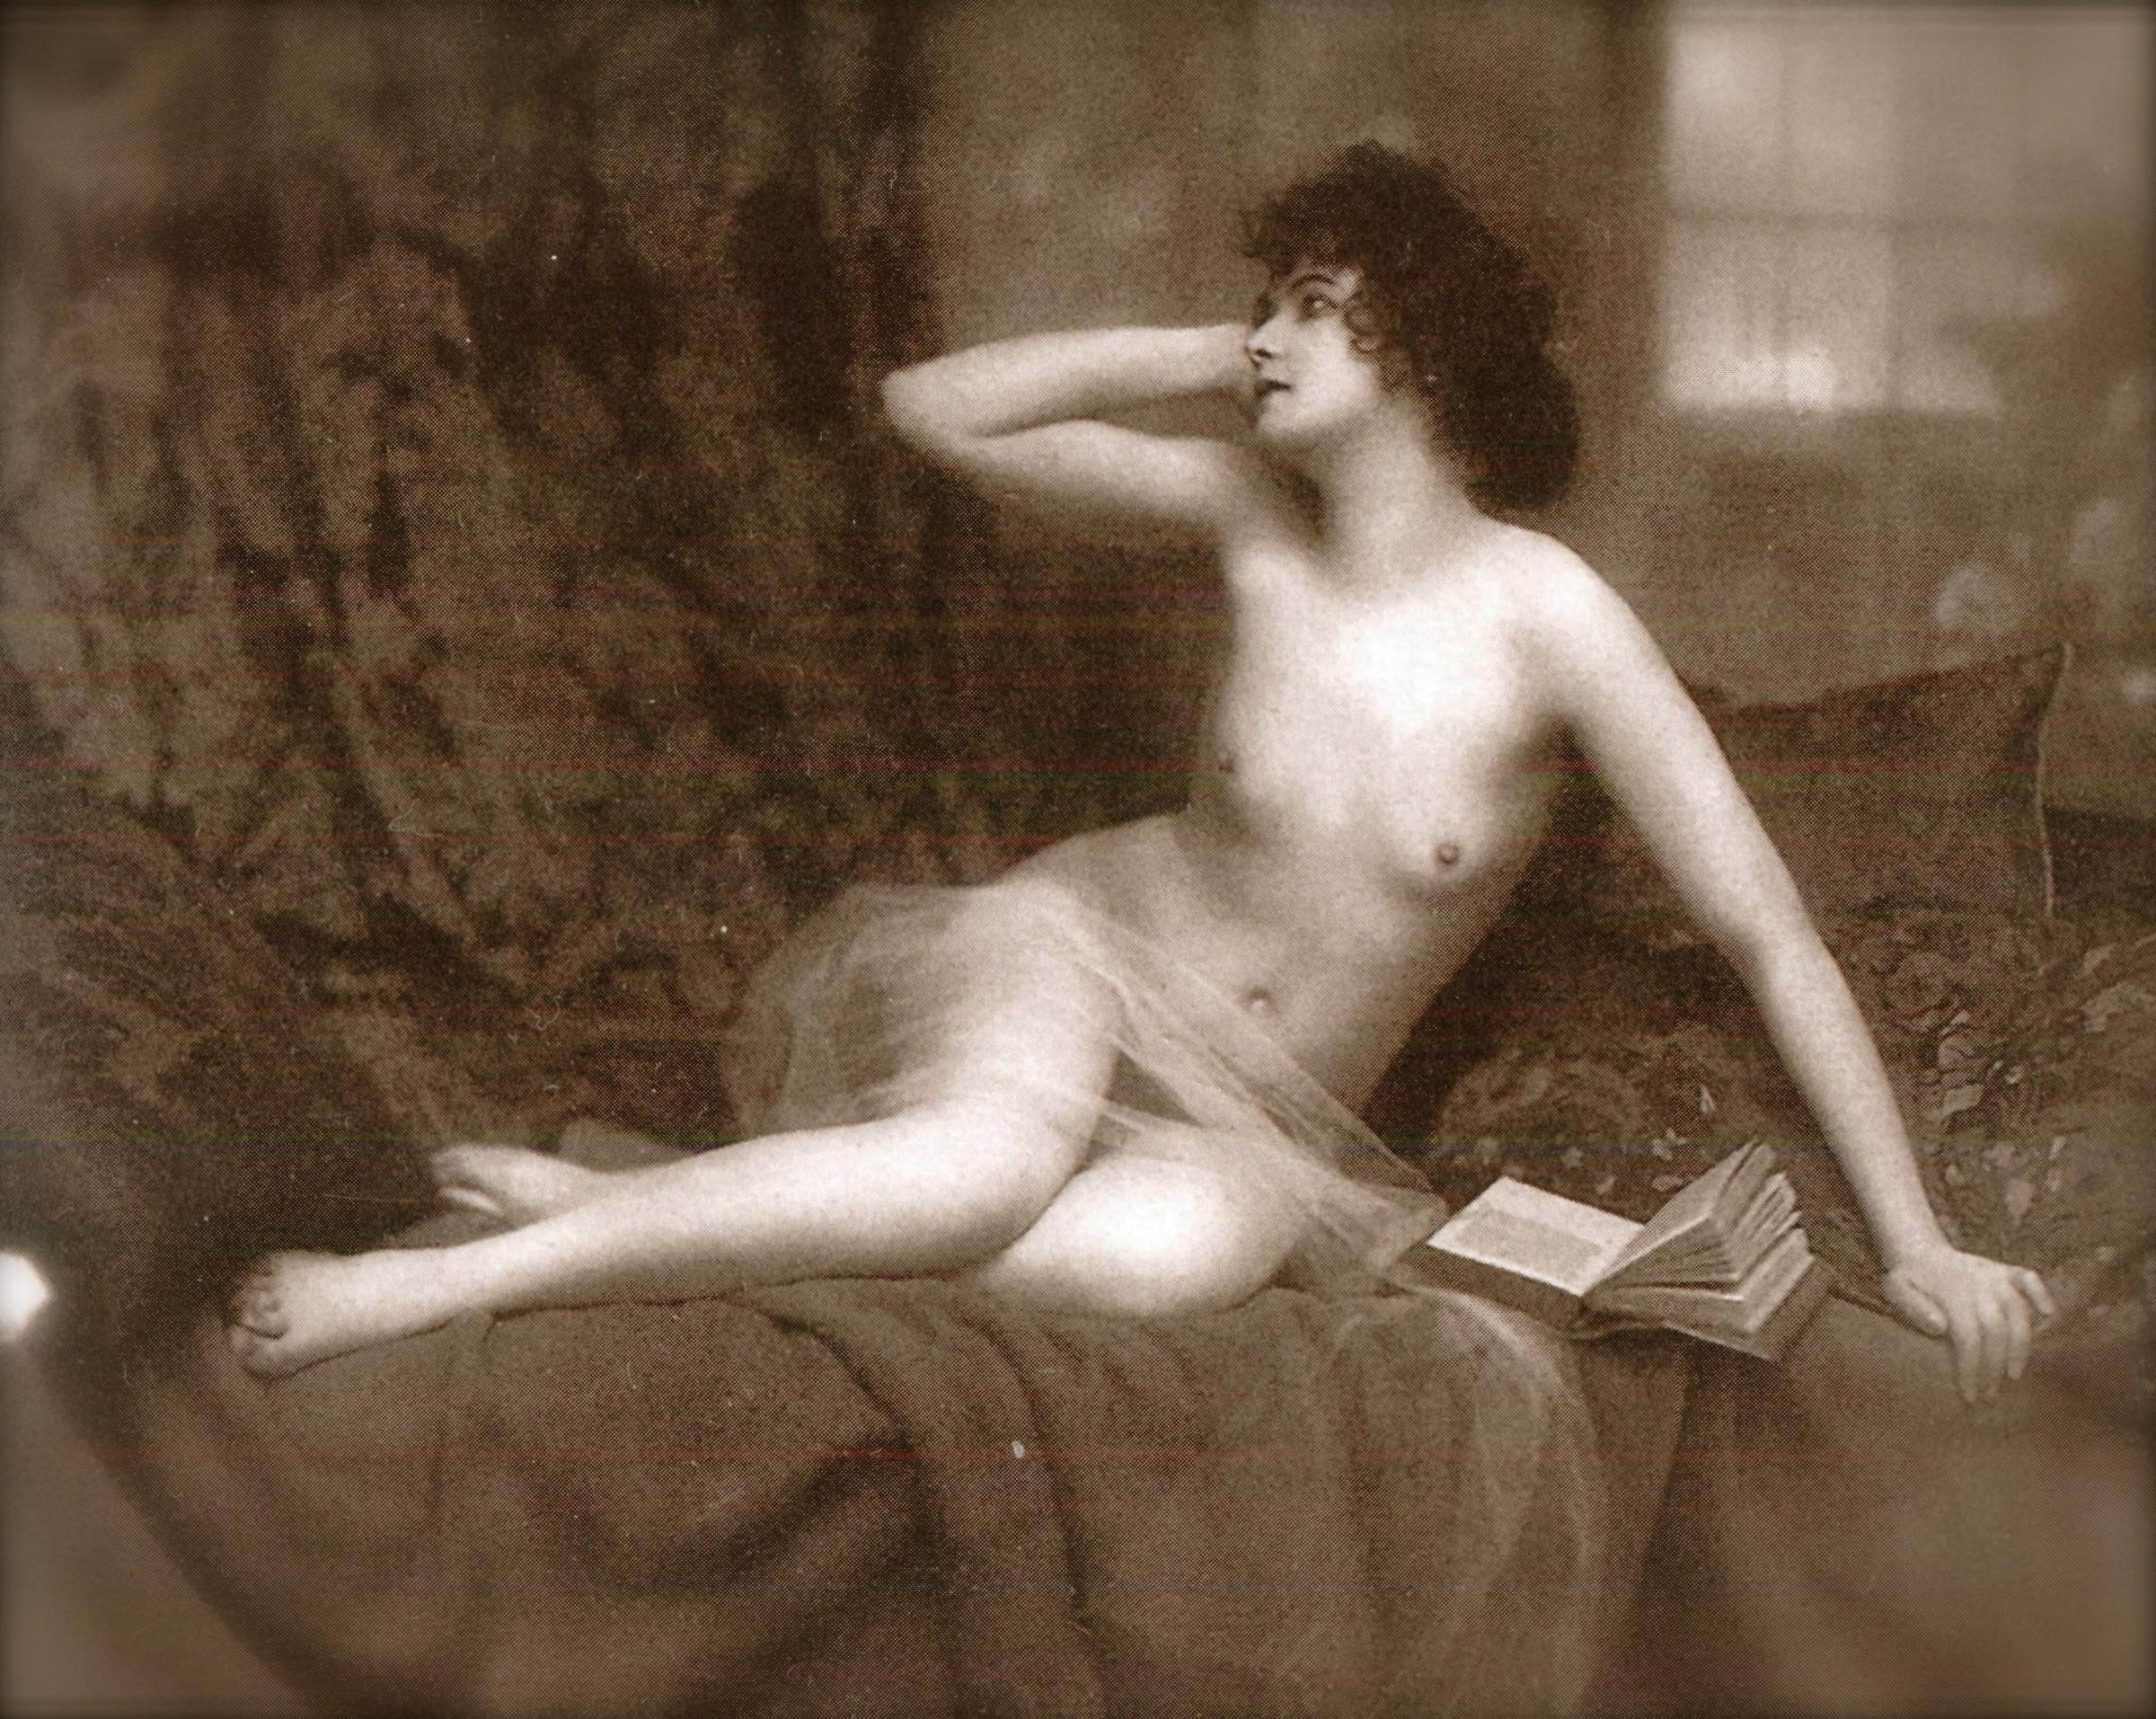 Эротические фото 19 века 16 фотография